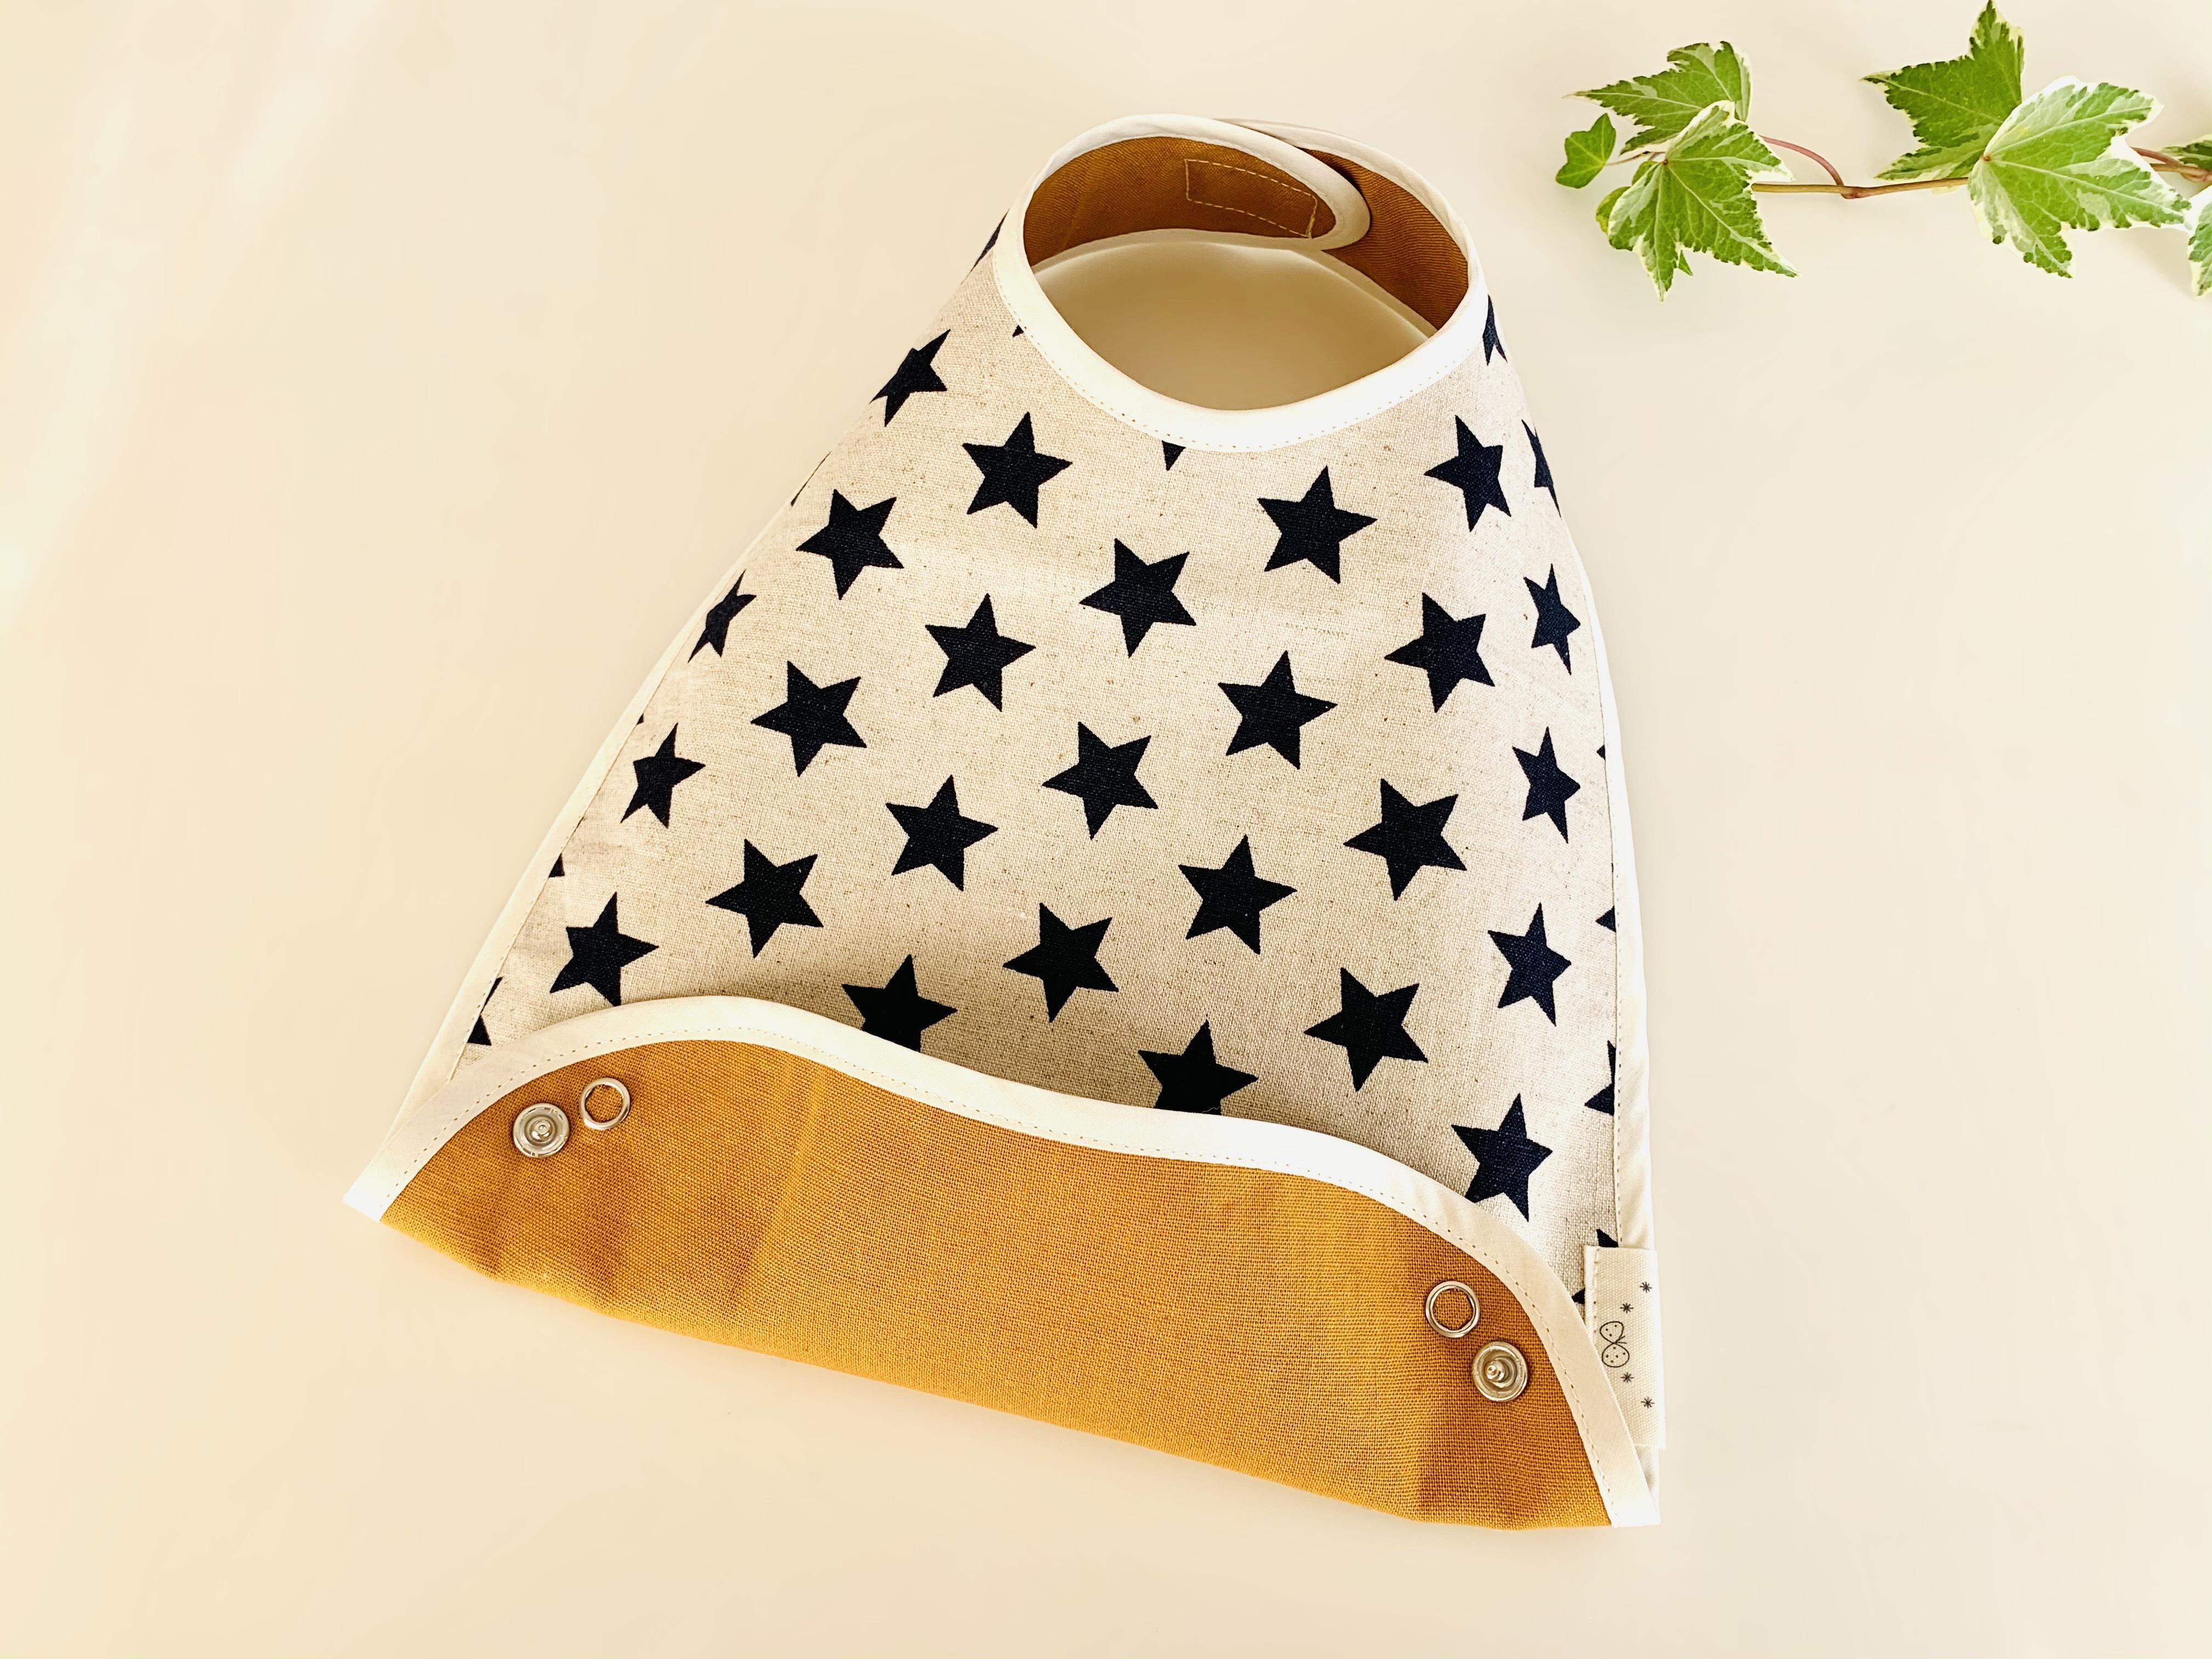 布製のリバーシブルお食事スタイ・麻の星柄x黄色